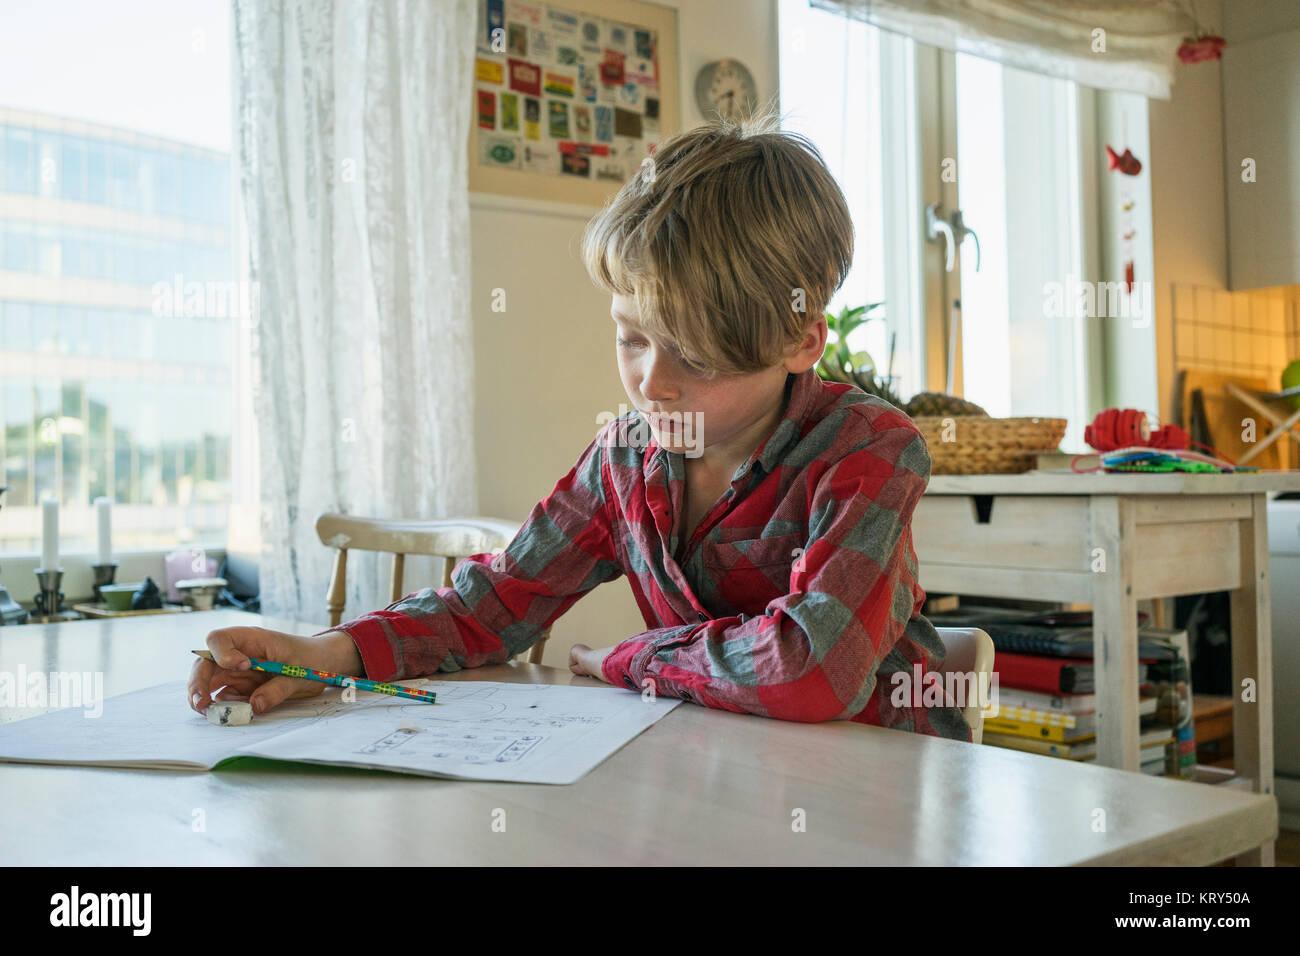 Ein kleiner Junge an einem Tisch sitzen zeichnen Stockfoto